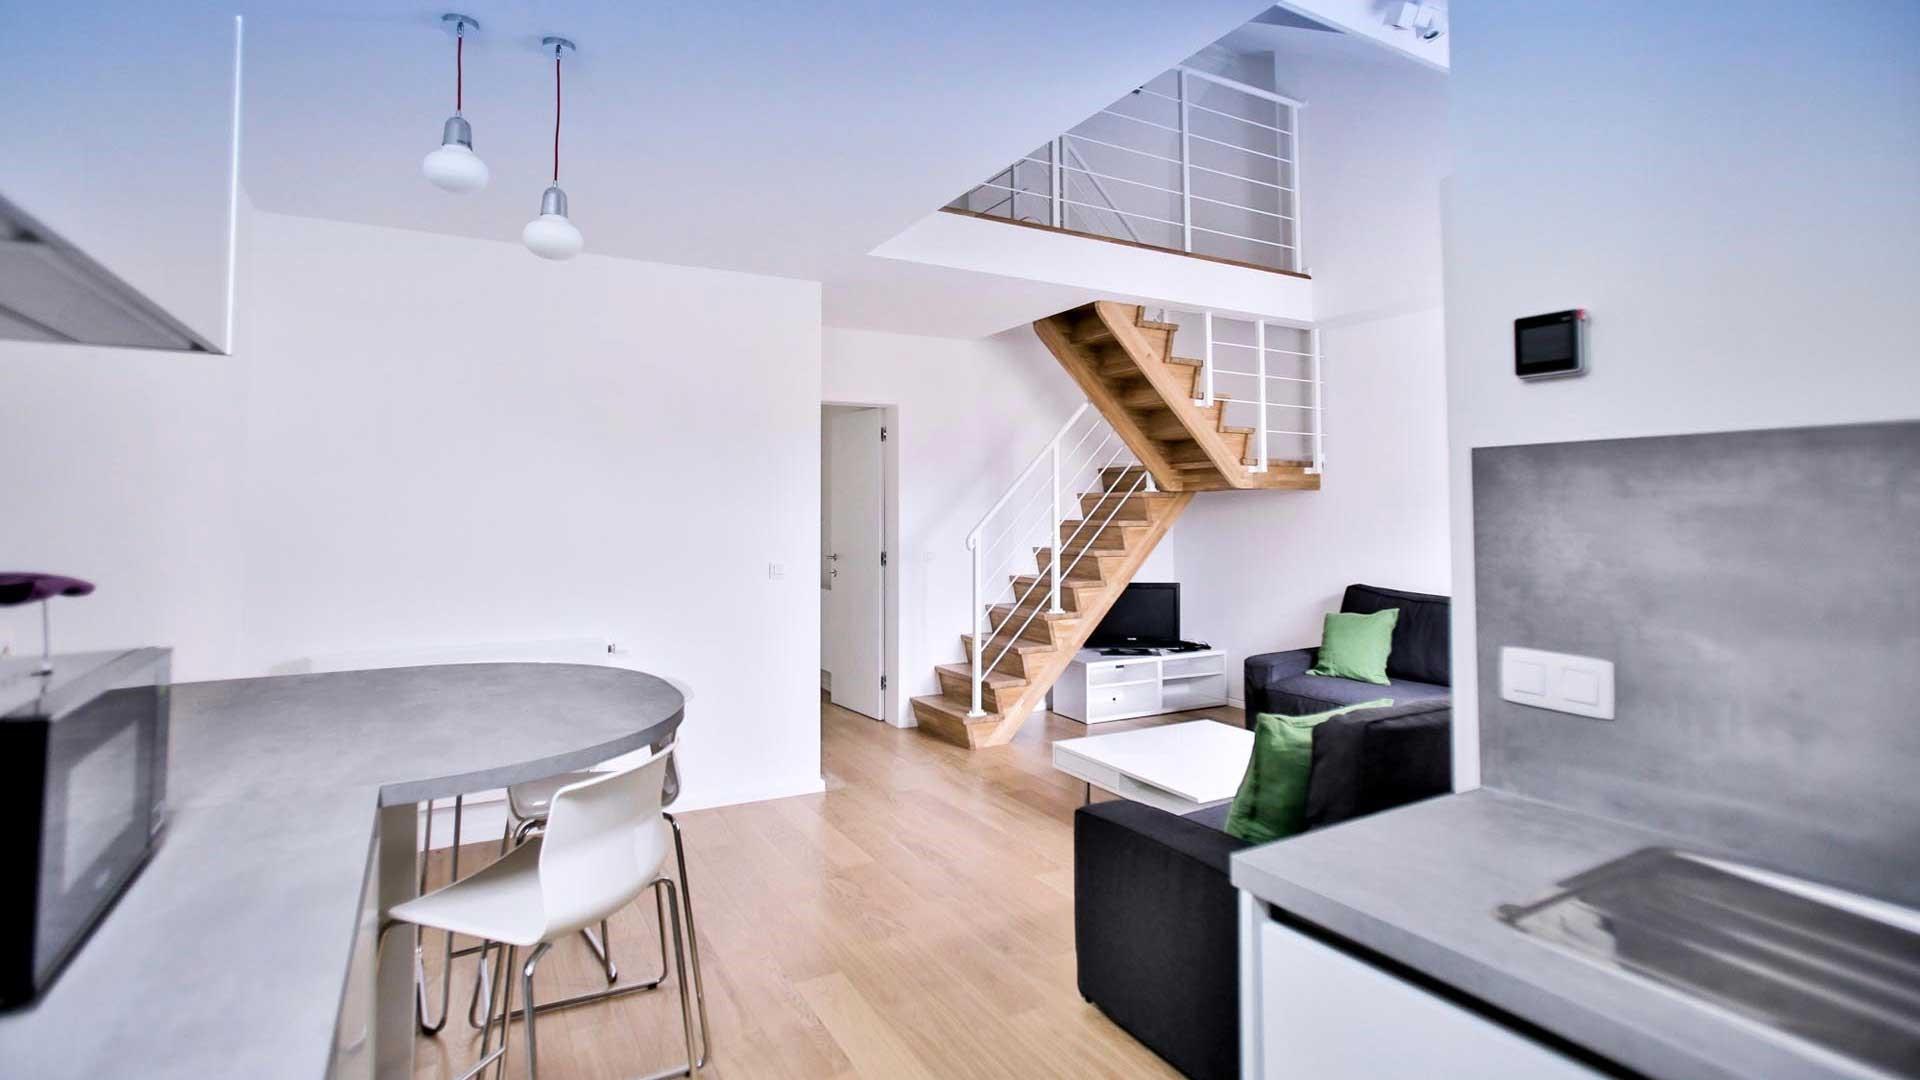 Location d 39 appartements meubl s bruxelles courts et for Location d appartement meuble